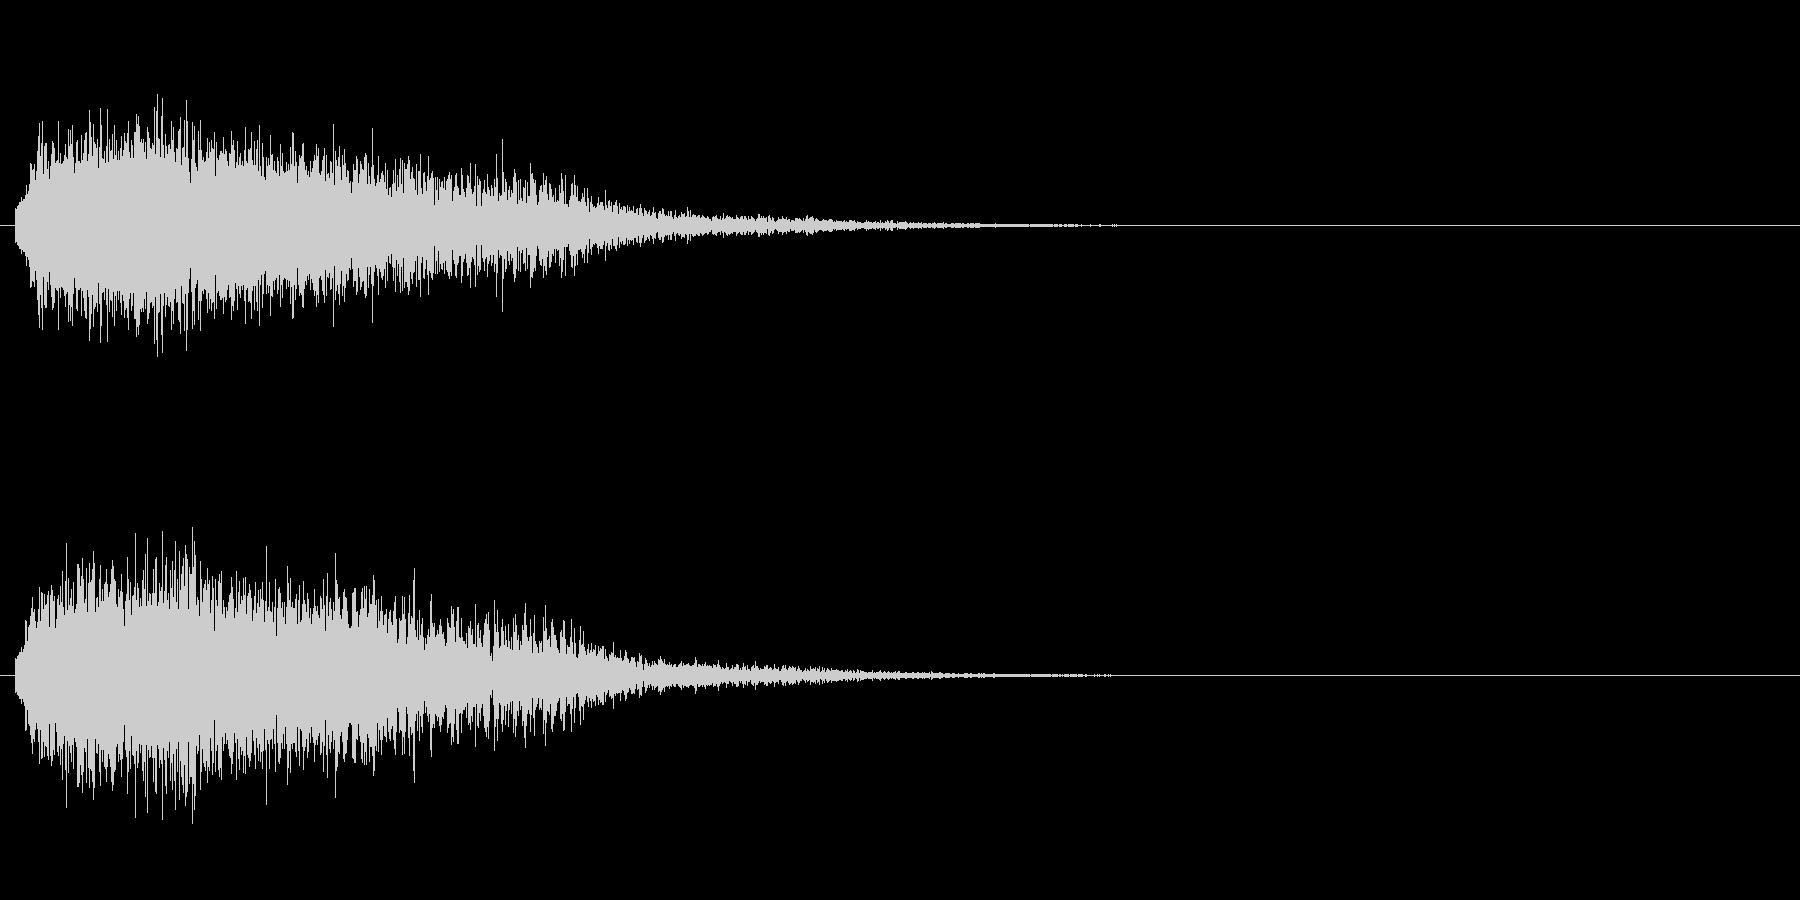 「ギュン!」レーザー発射7の未再生の波形